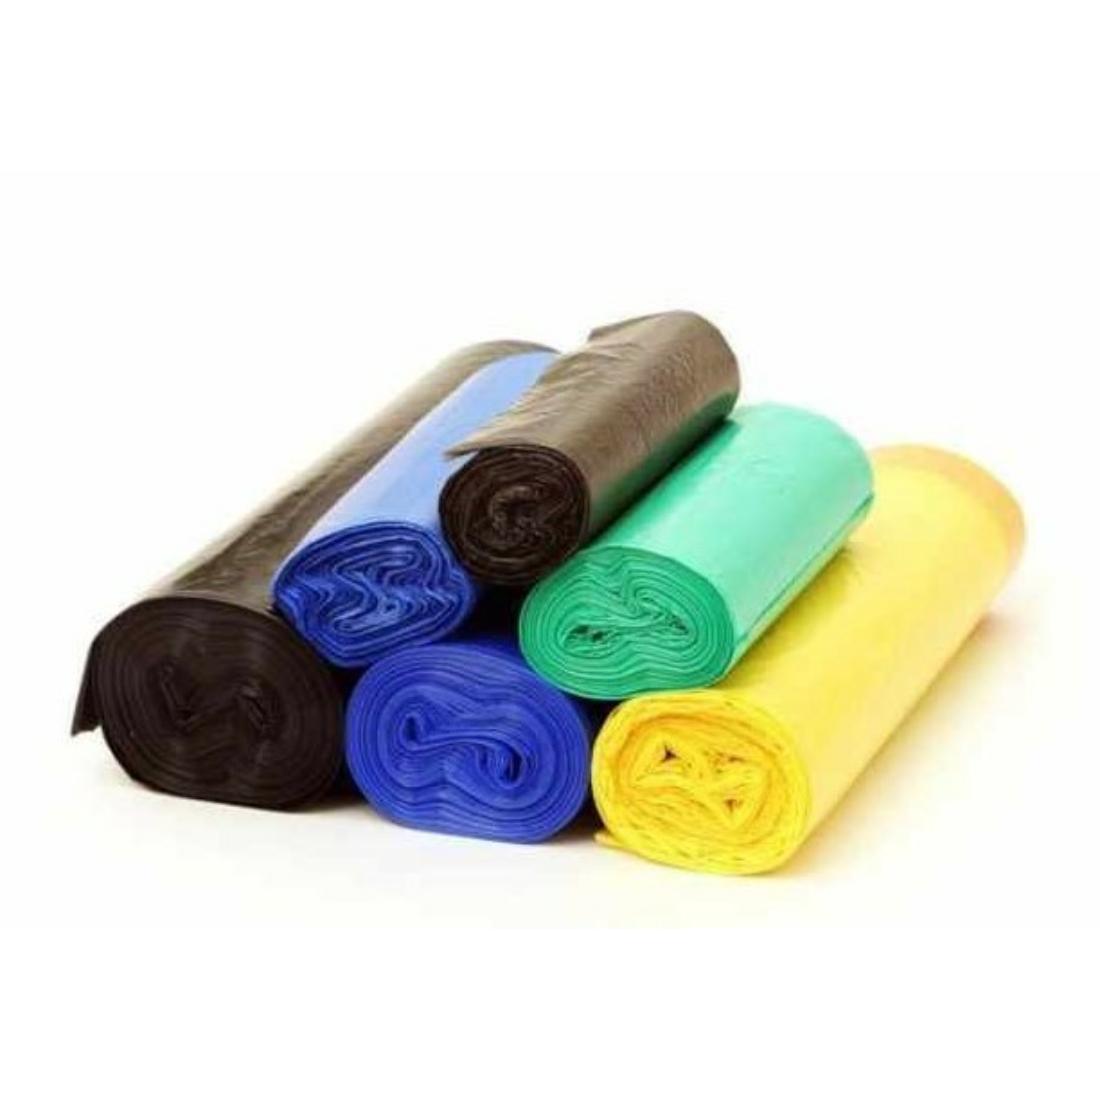 Újrahasznosított polietilén szemeteszsák 120L (10 db / csomag)